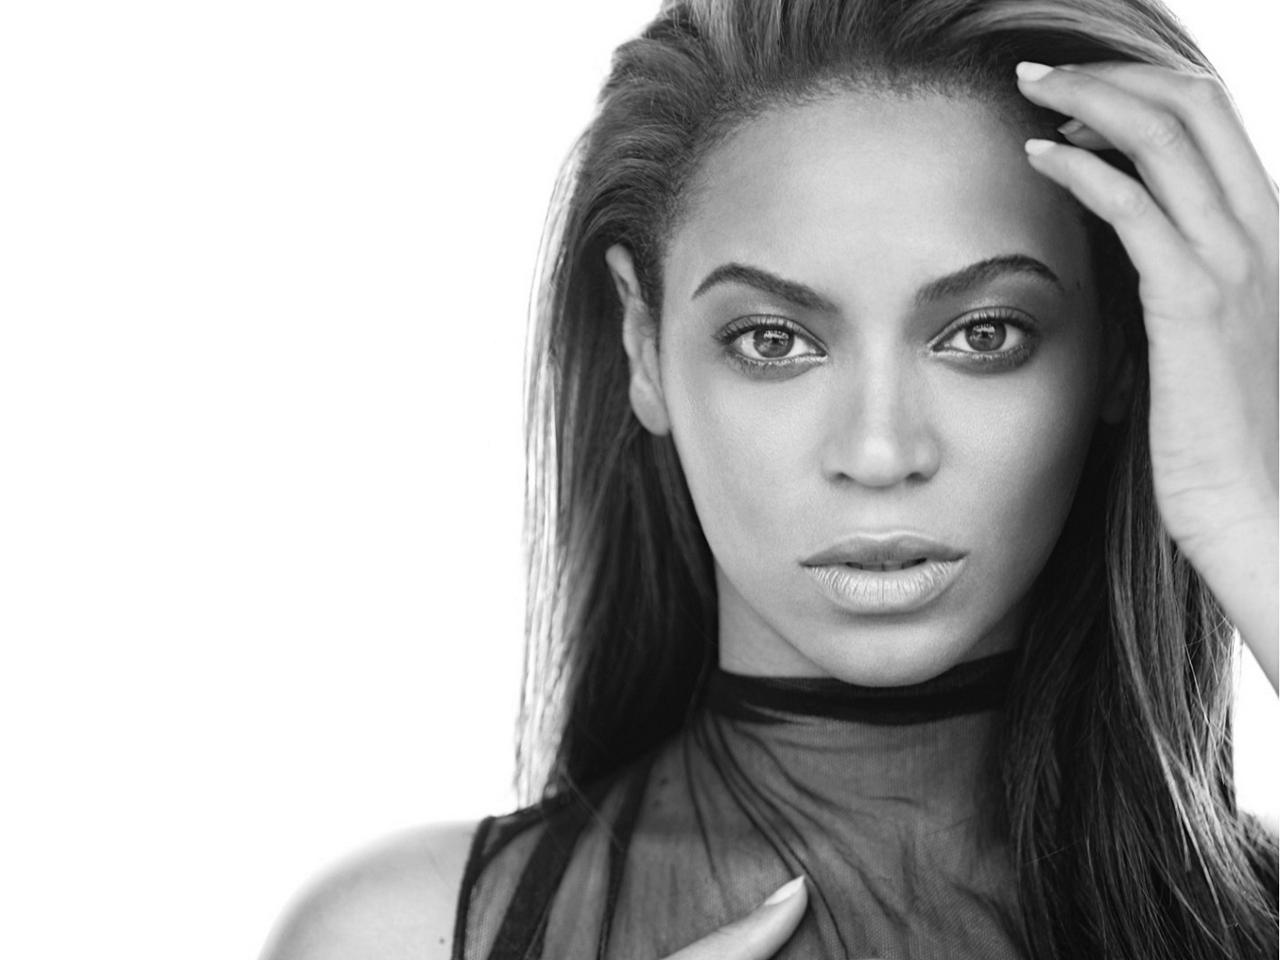 Как новый альбом Бейонсе доказывает измену Jay-Z?